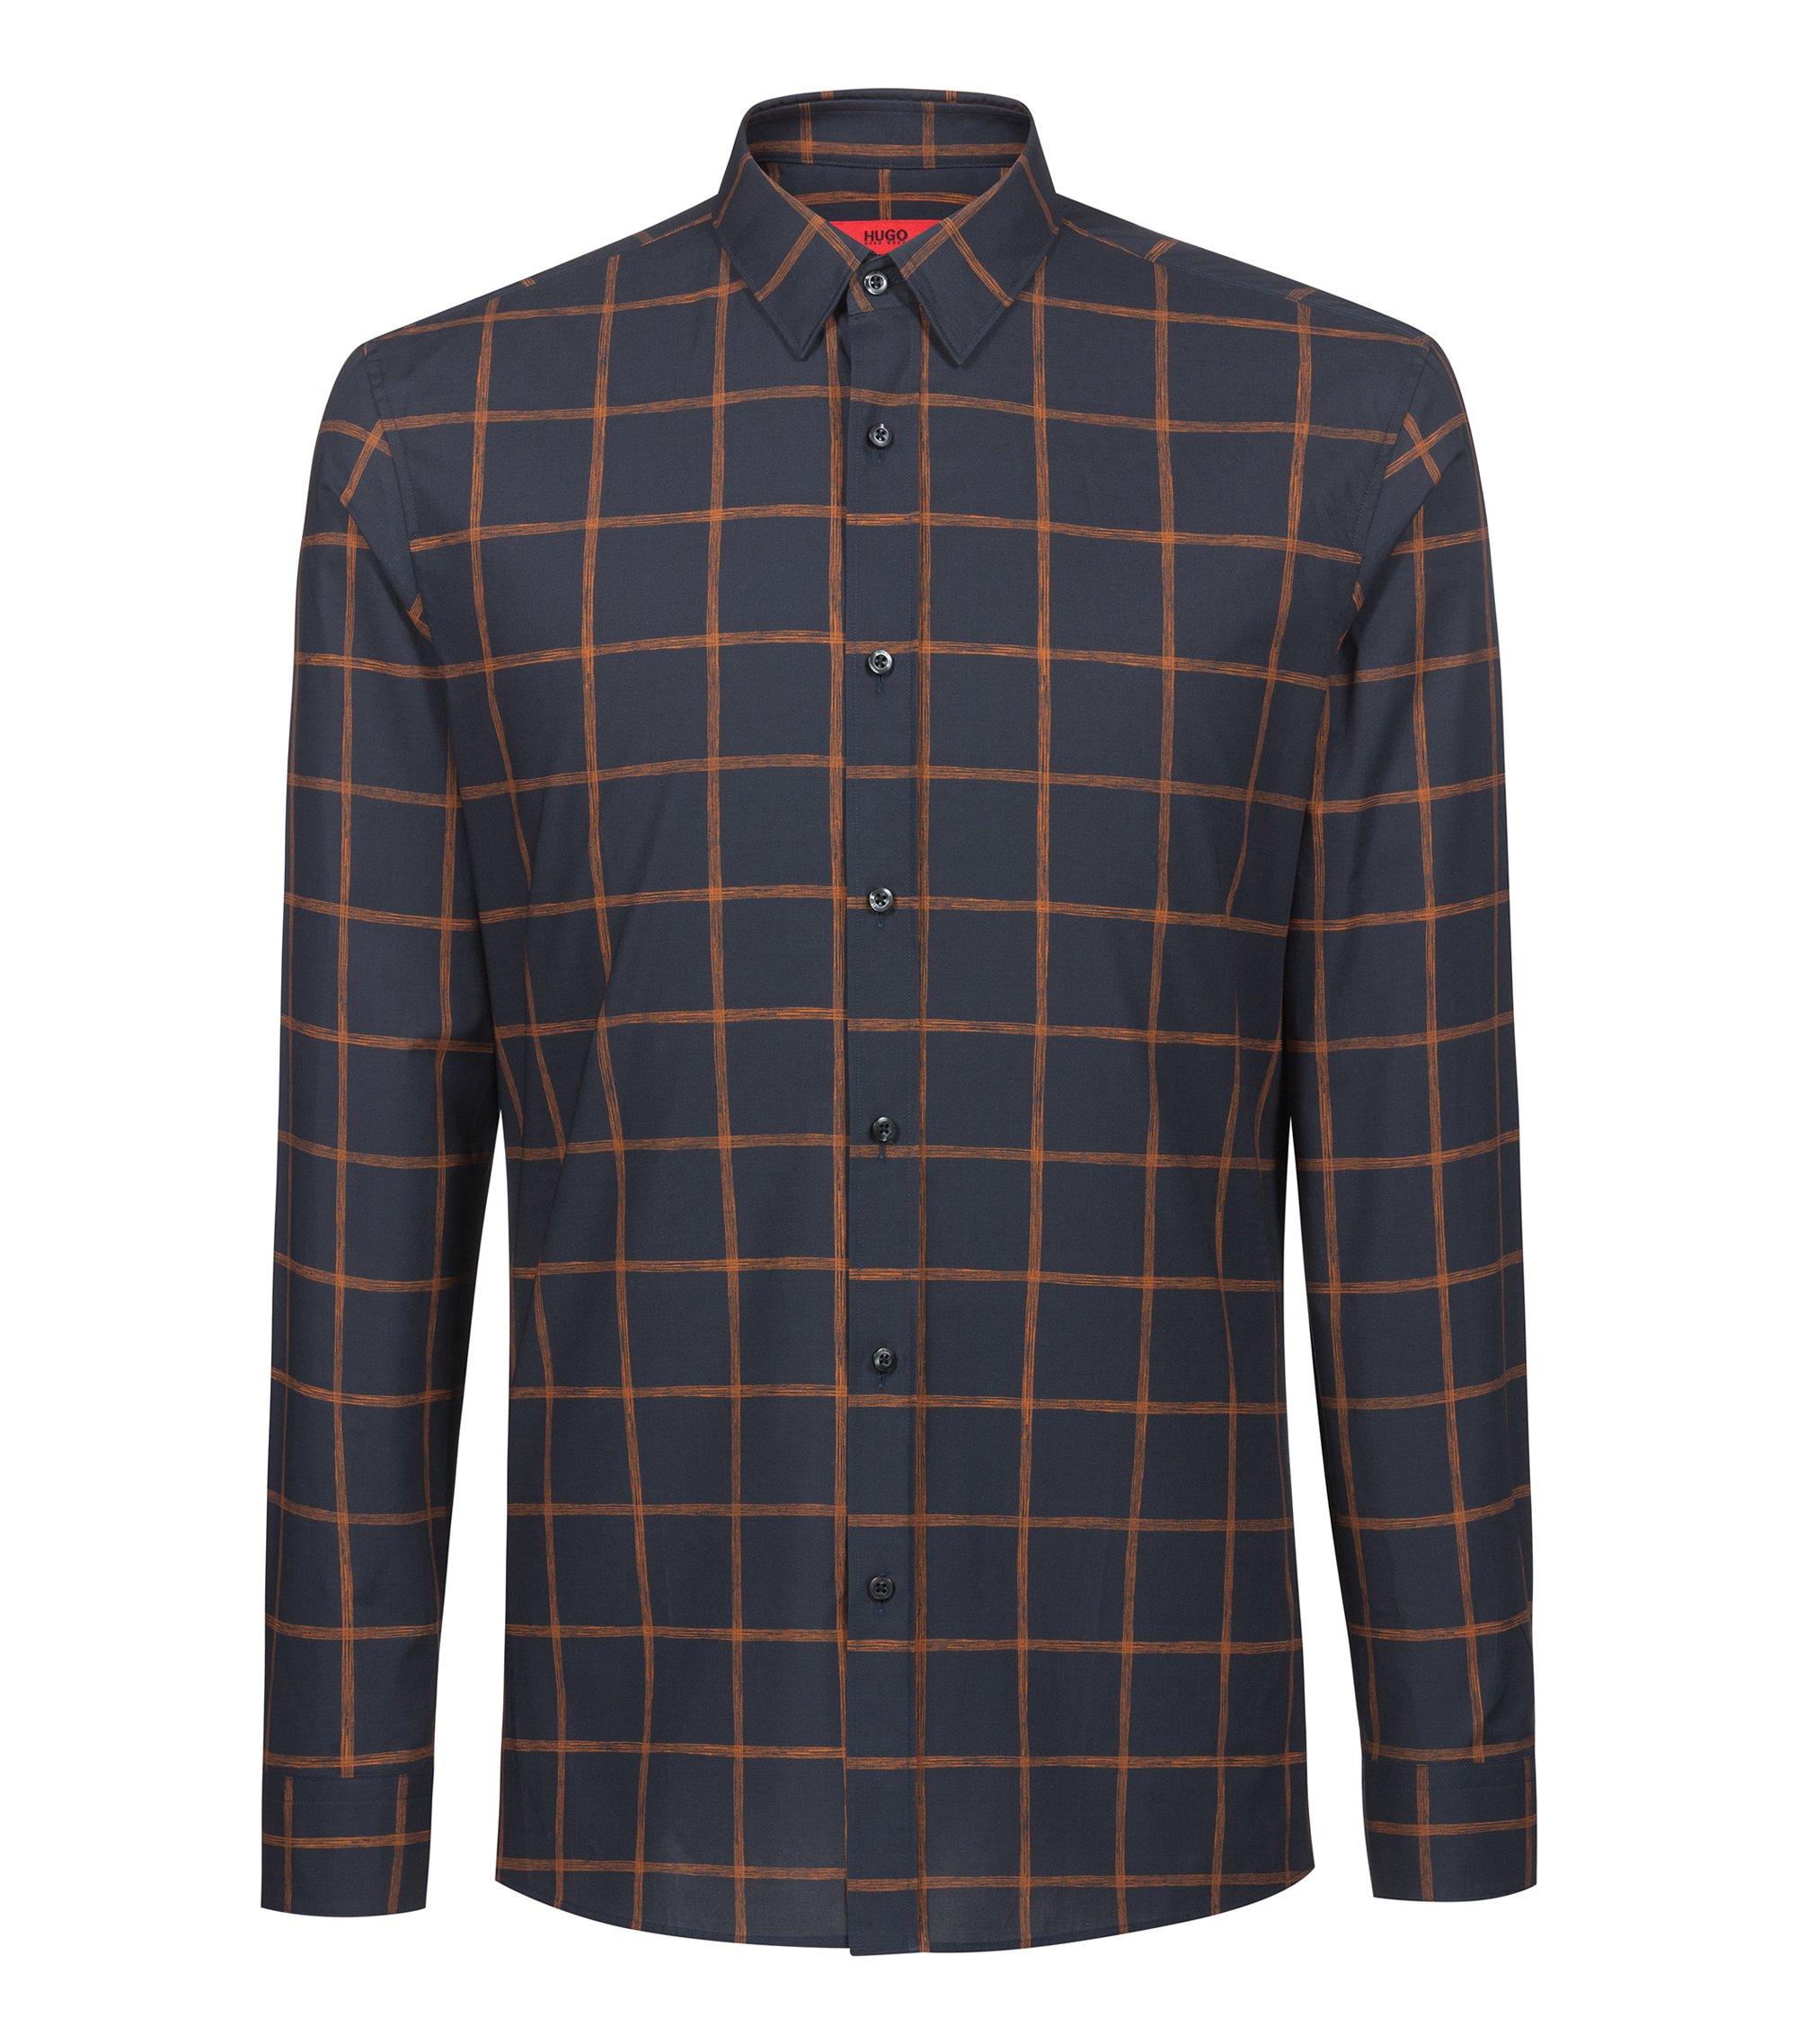 Extra Slim-Fit Hemd aus Baumwolle mit Karo-Print, Dunkelblau